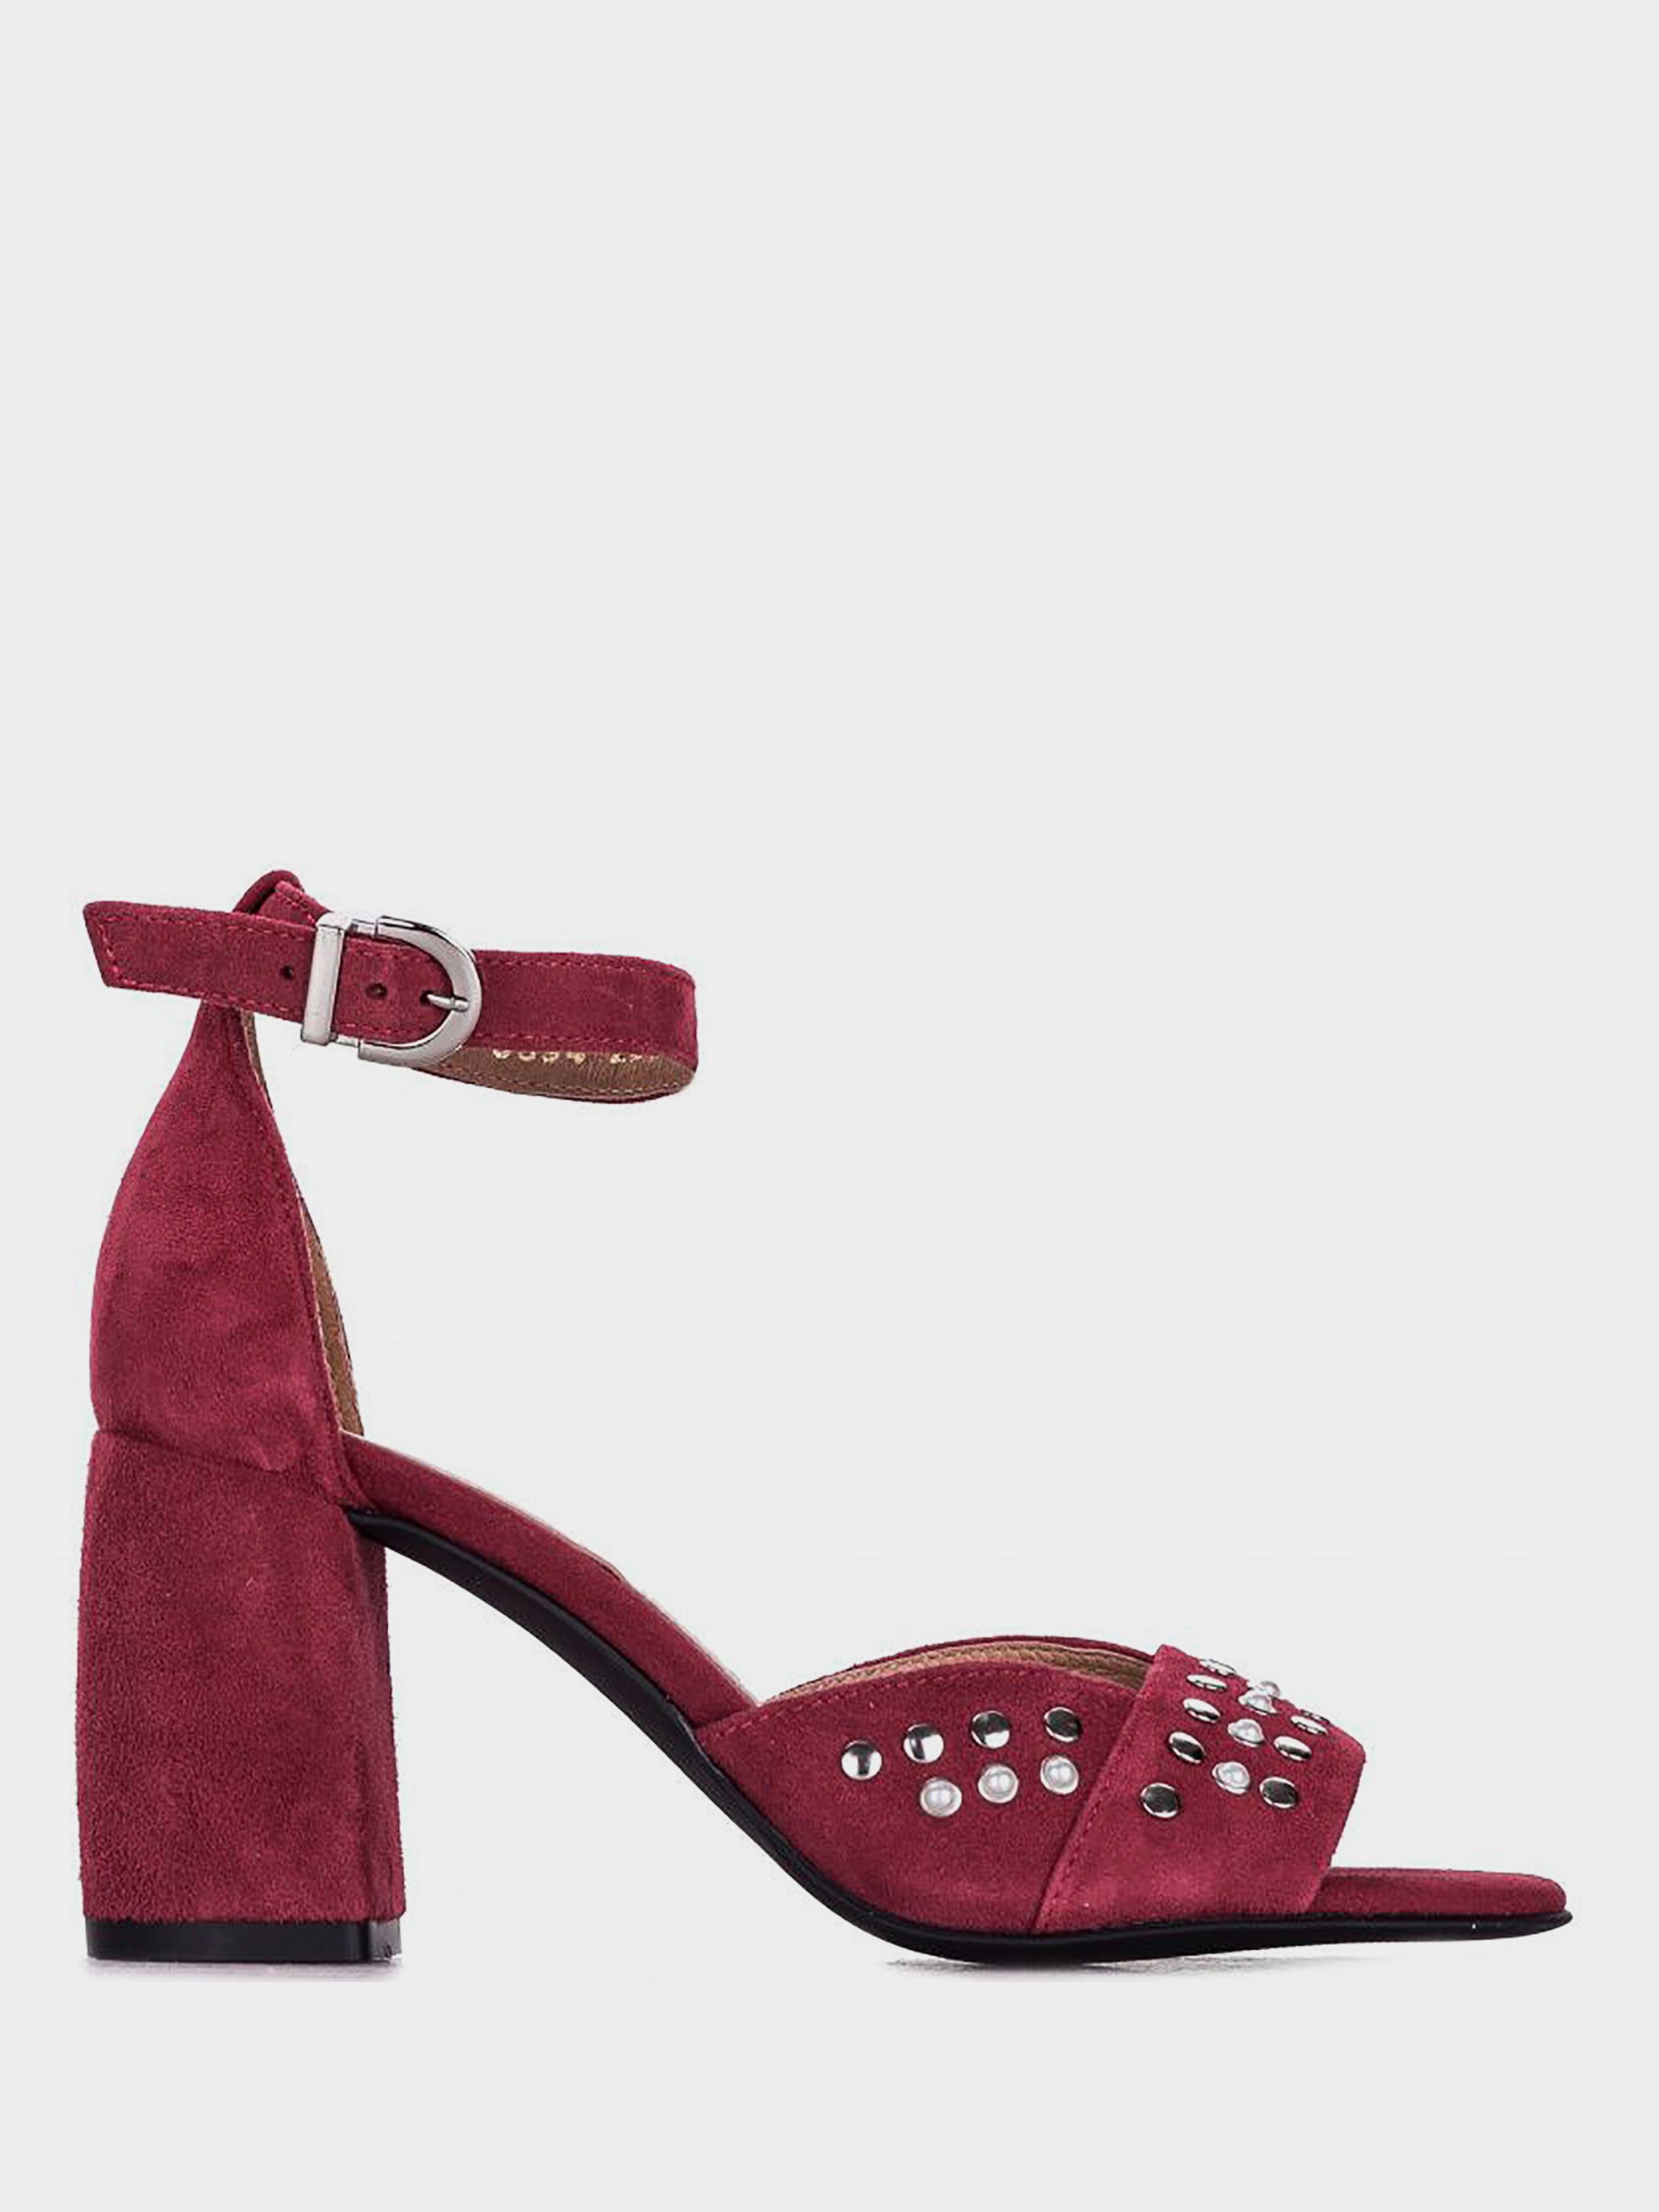 Купить Босоножки женские GAMA 2Z47, Красный